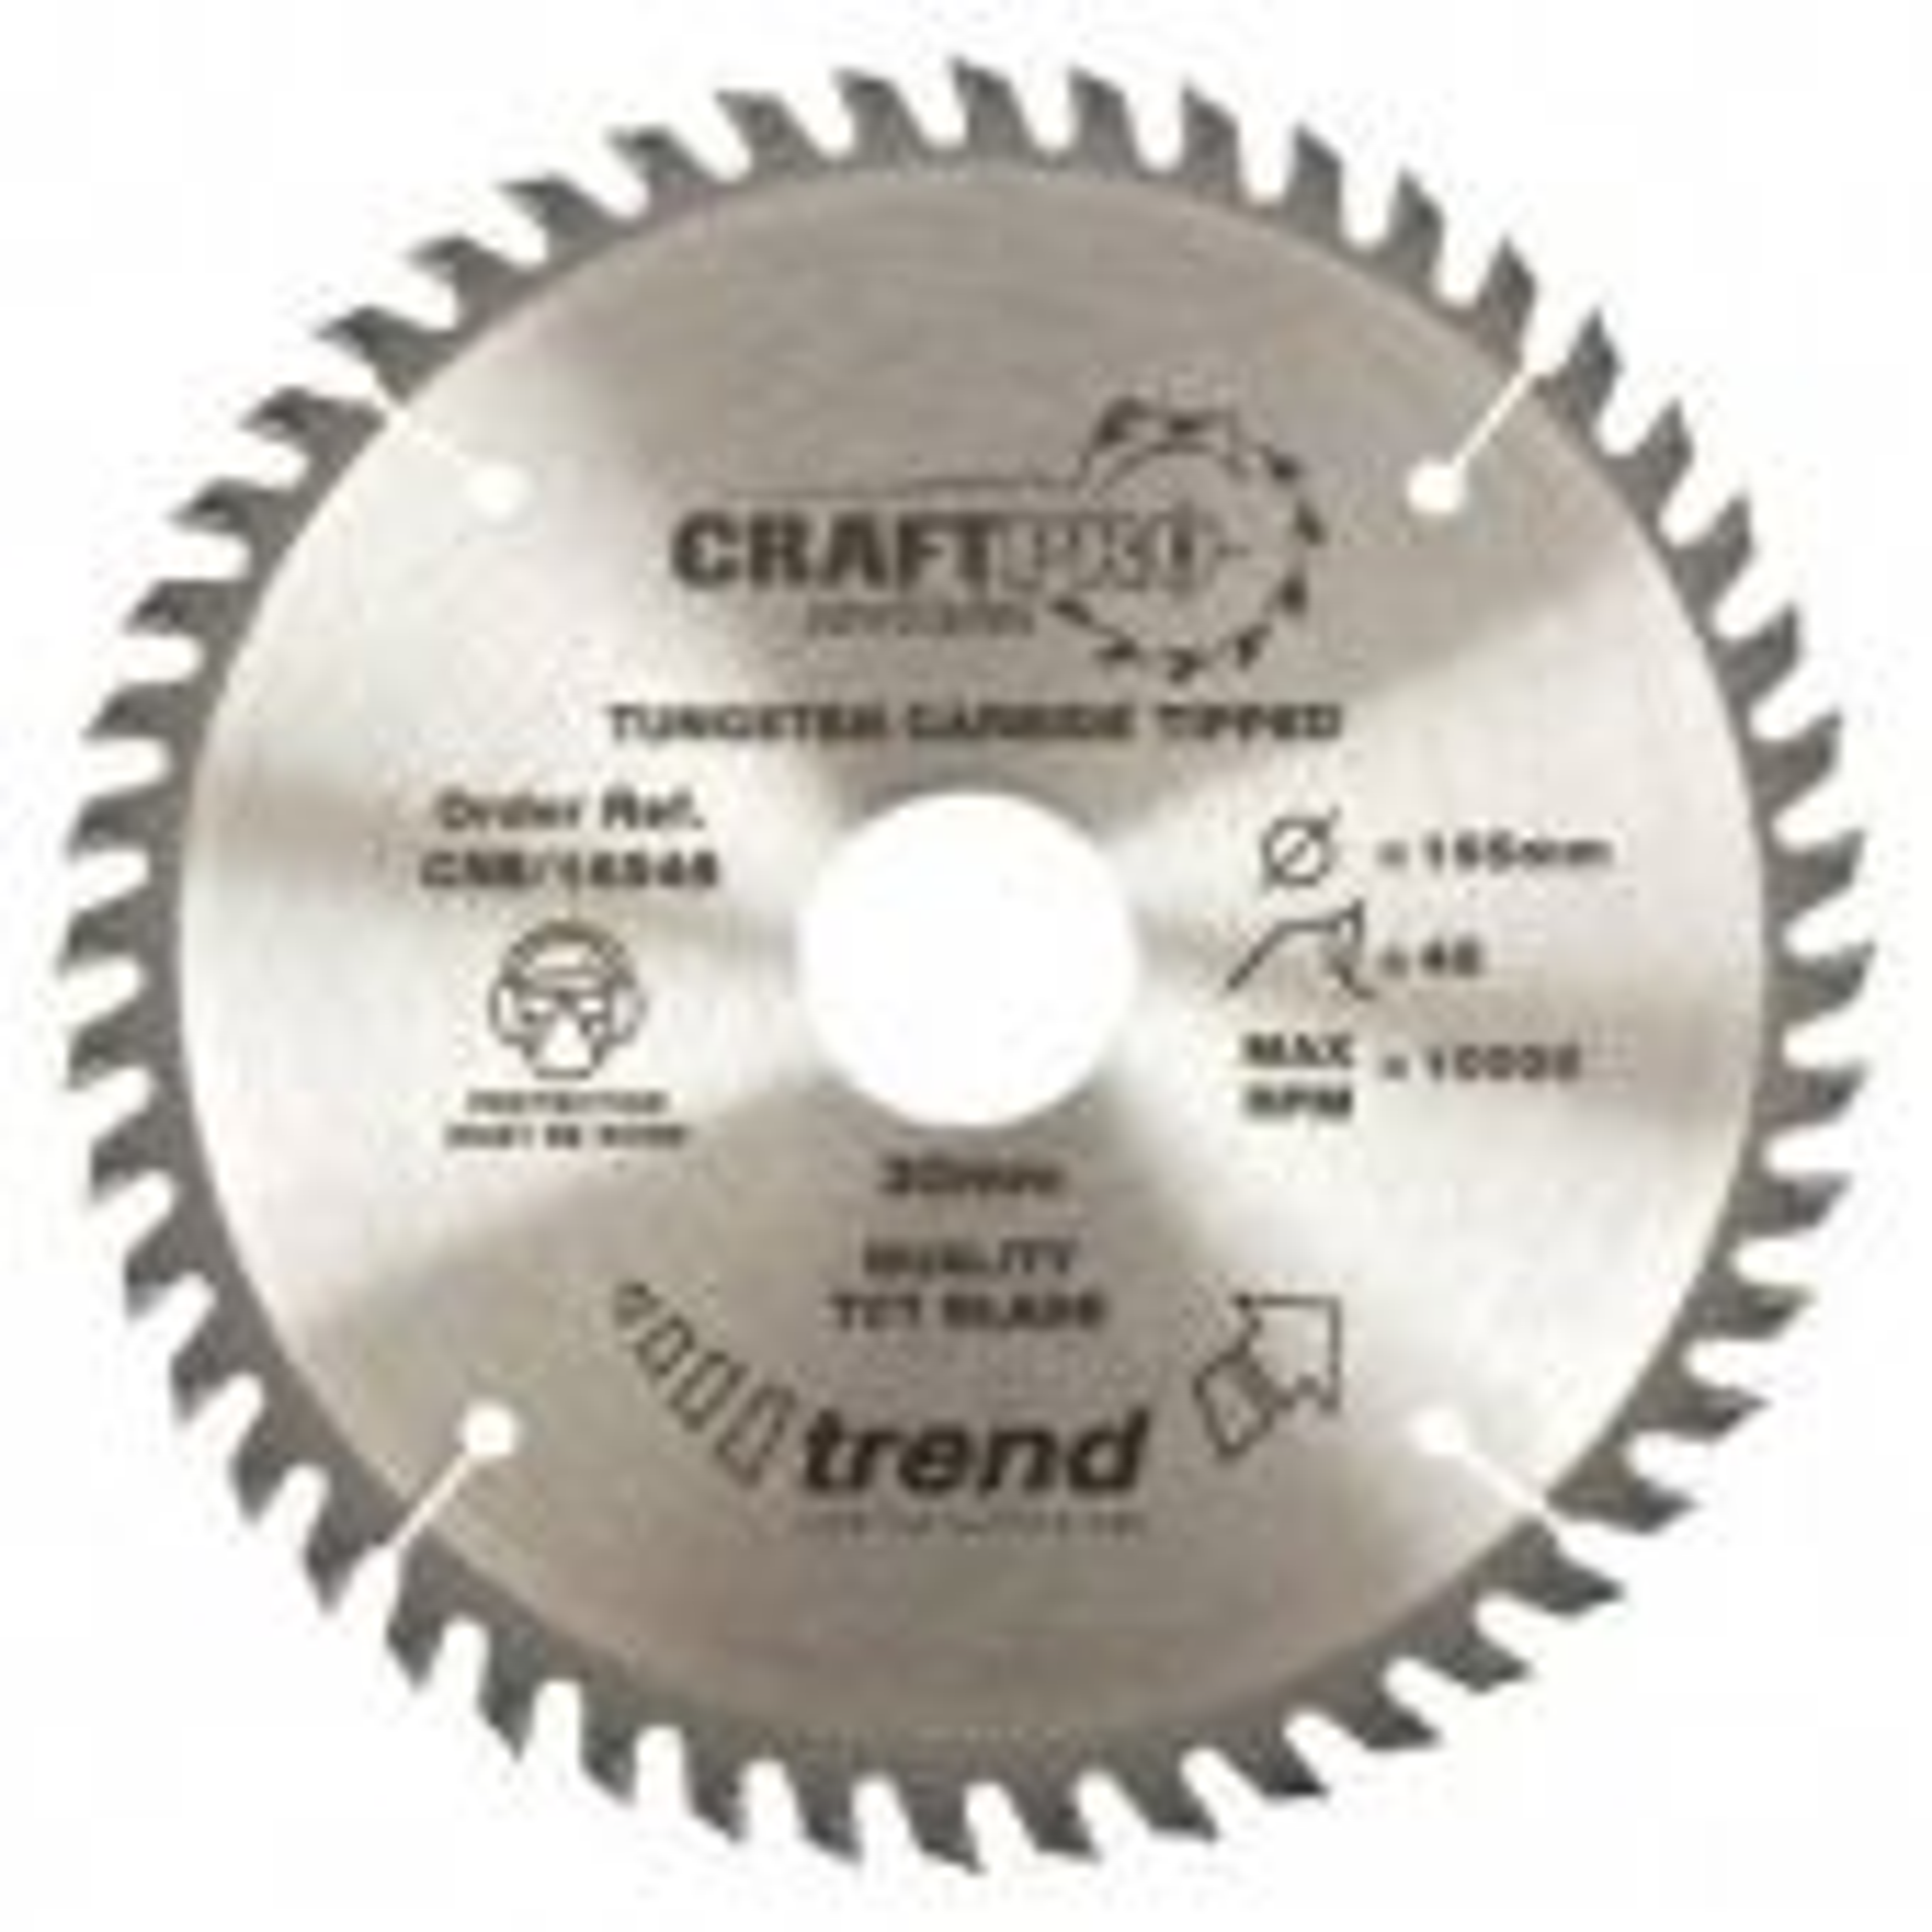 Trend CSB/16540TB Craft Saw Blade - 165mm x 40 Teeth x 30 Thin